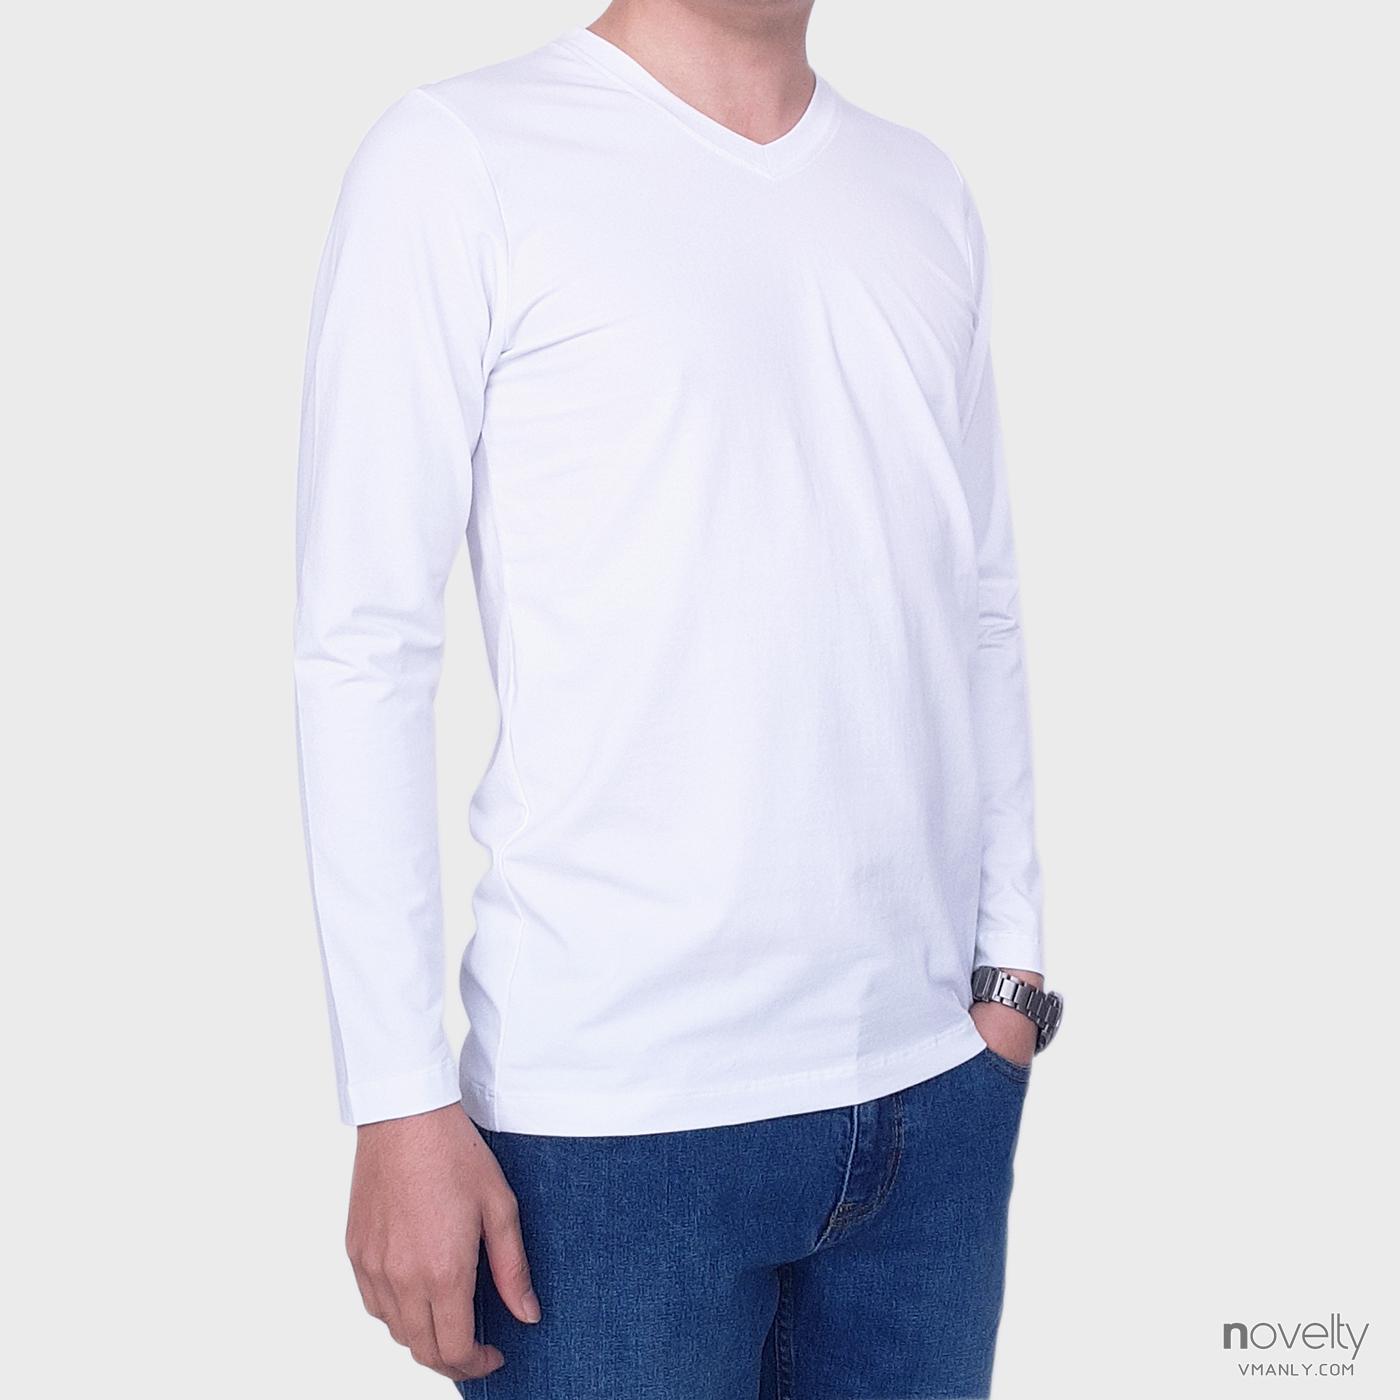 Áo thun dài tay - áo giữ nhiệt Novelty cổ tim màu trắng 190767D